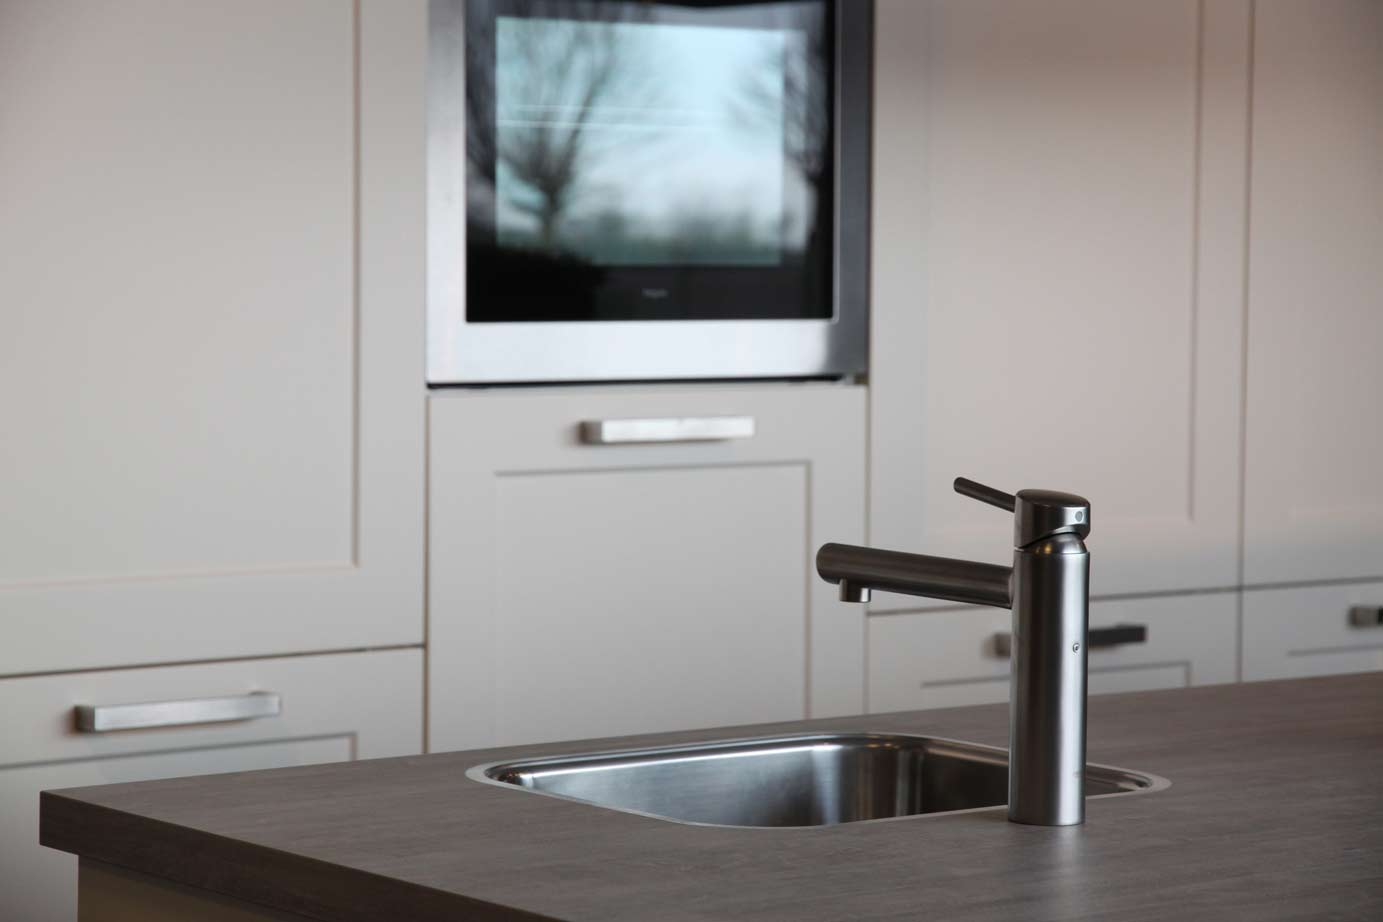 Keuken Kookeiland Afmetingen : Keuken met luxe kookeiland – DB Keukens